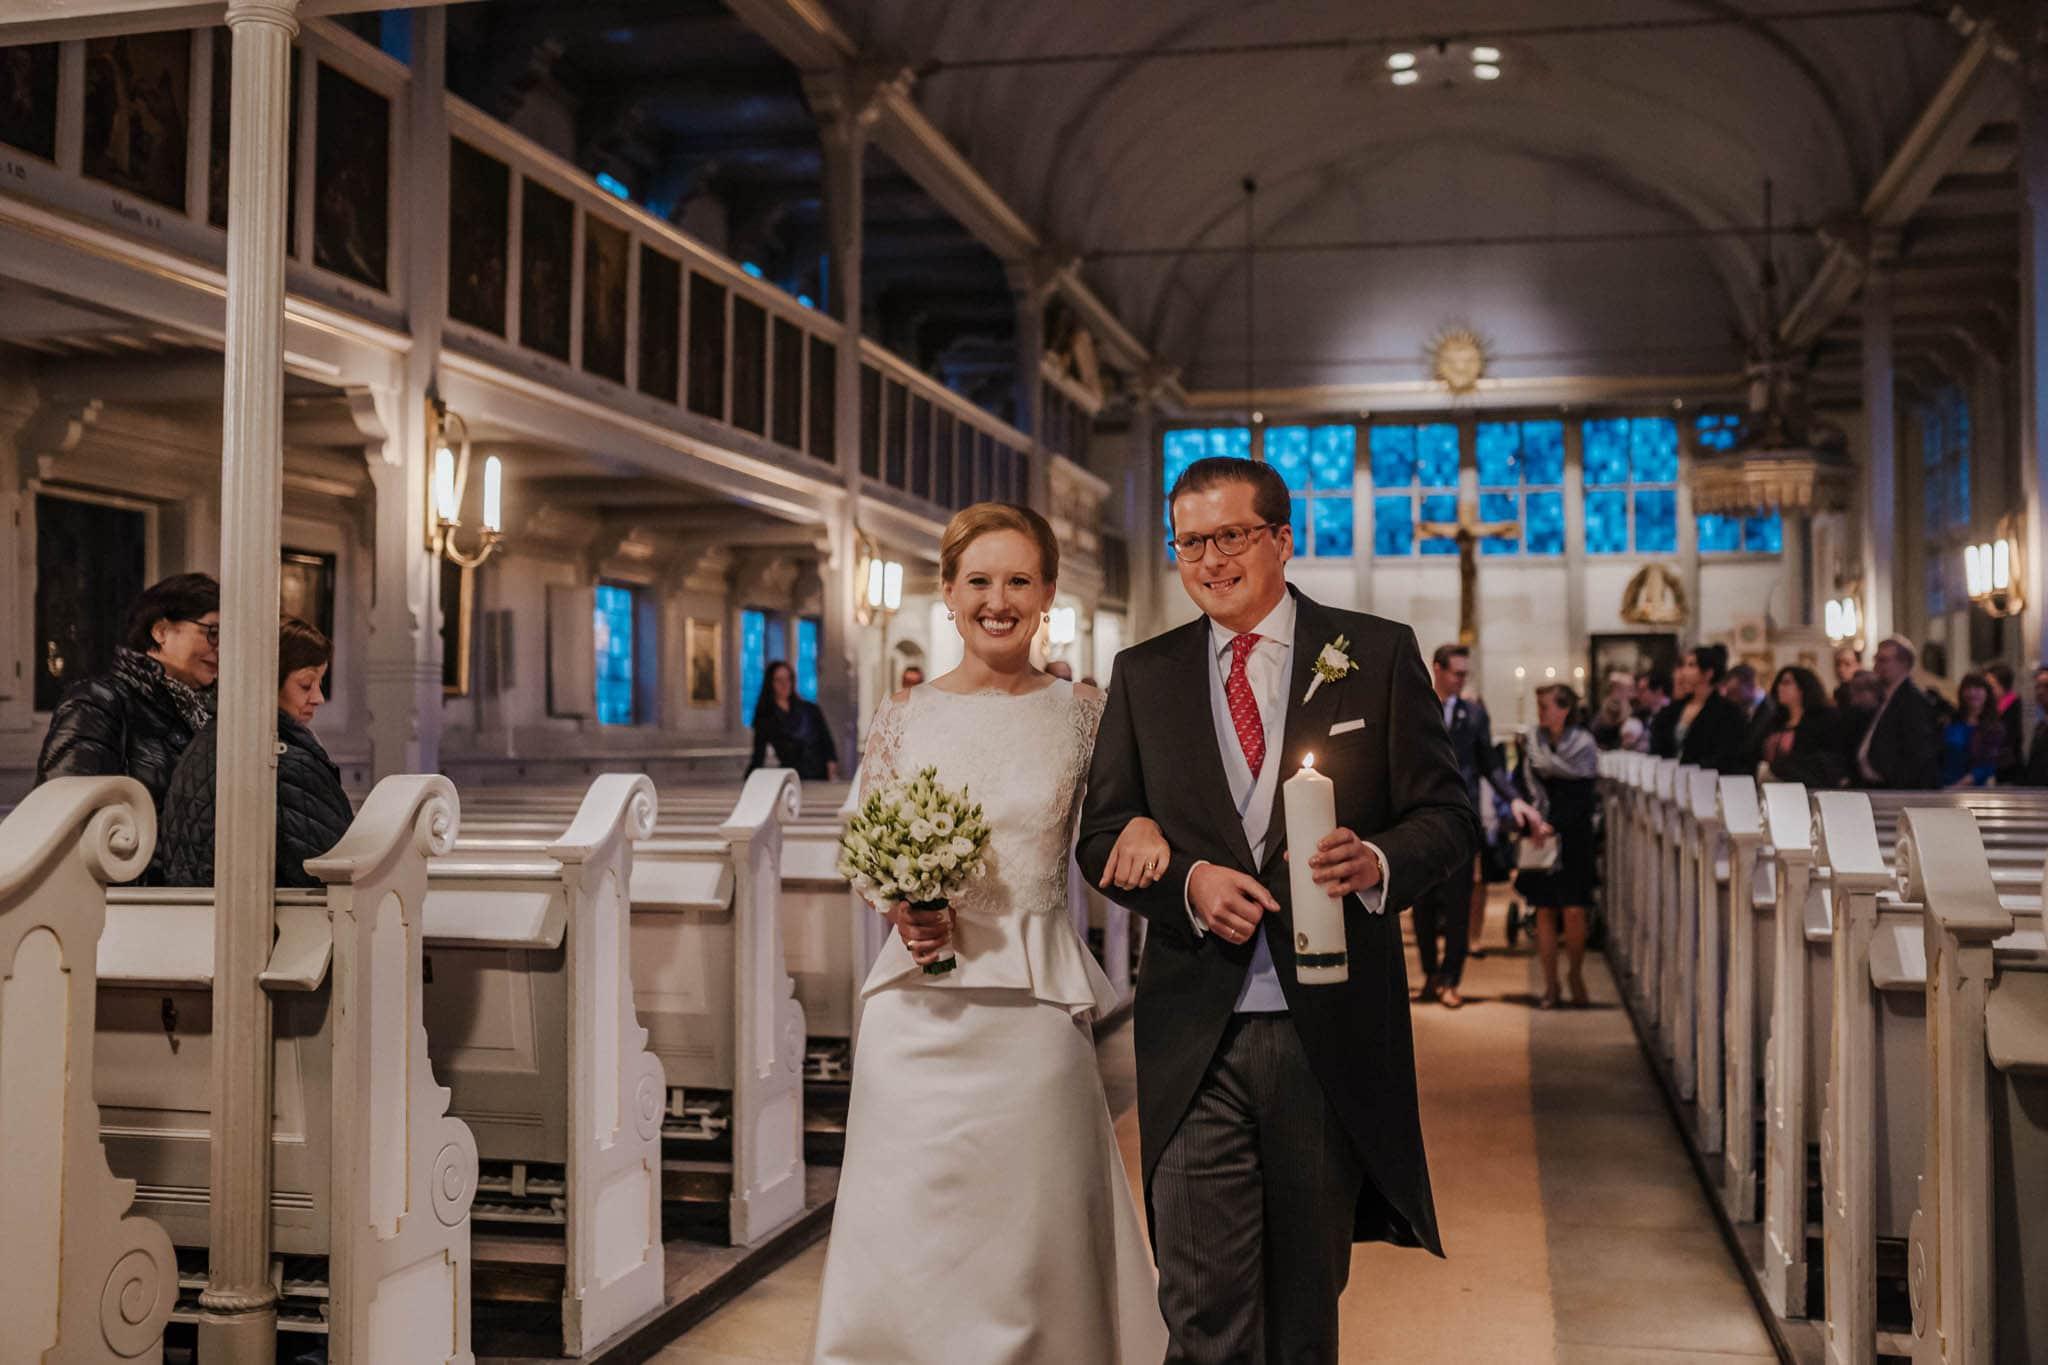 Hochzeitsfieber by Photo-Schomburg, Hochzeitsfotograf, Hamburg,Hochzeitstag, Hochzeitspaar, Braut, Bräutigam, Literaturhauscafe Hamburg-38